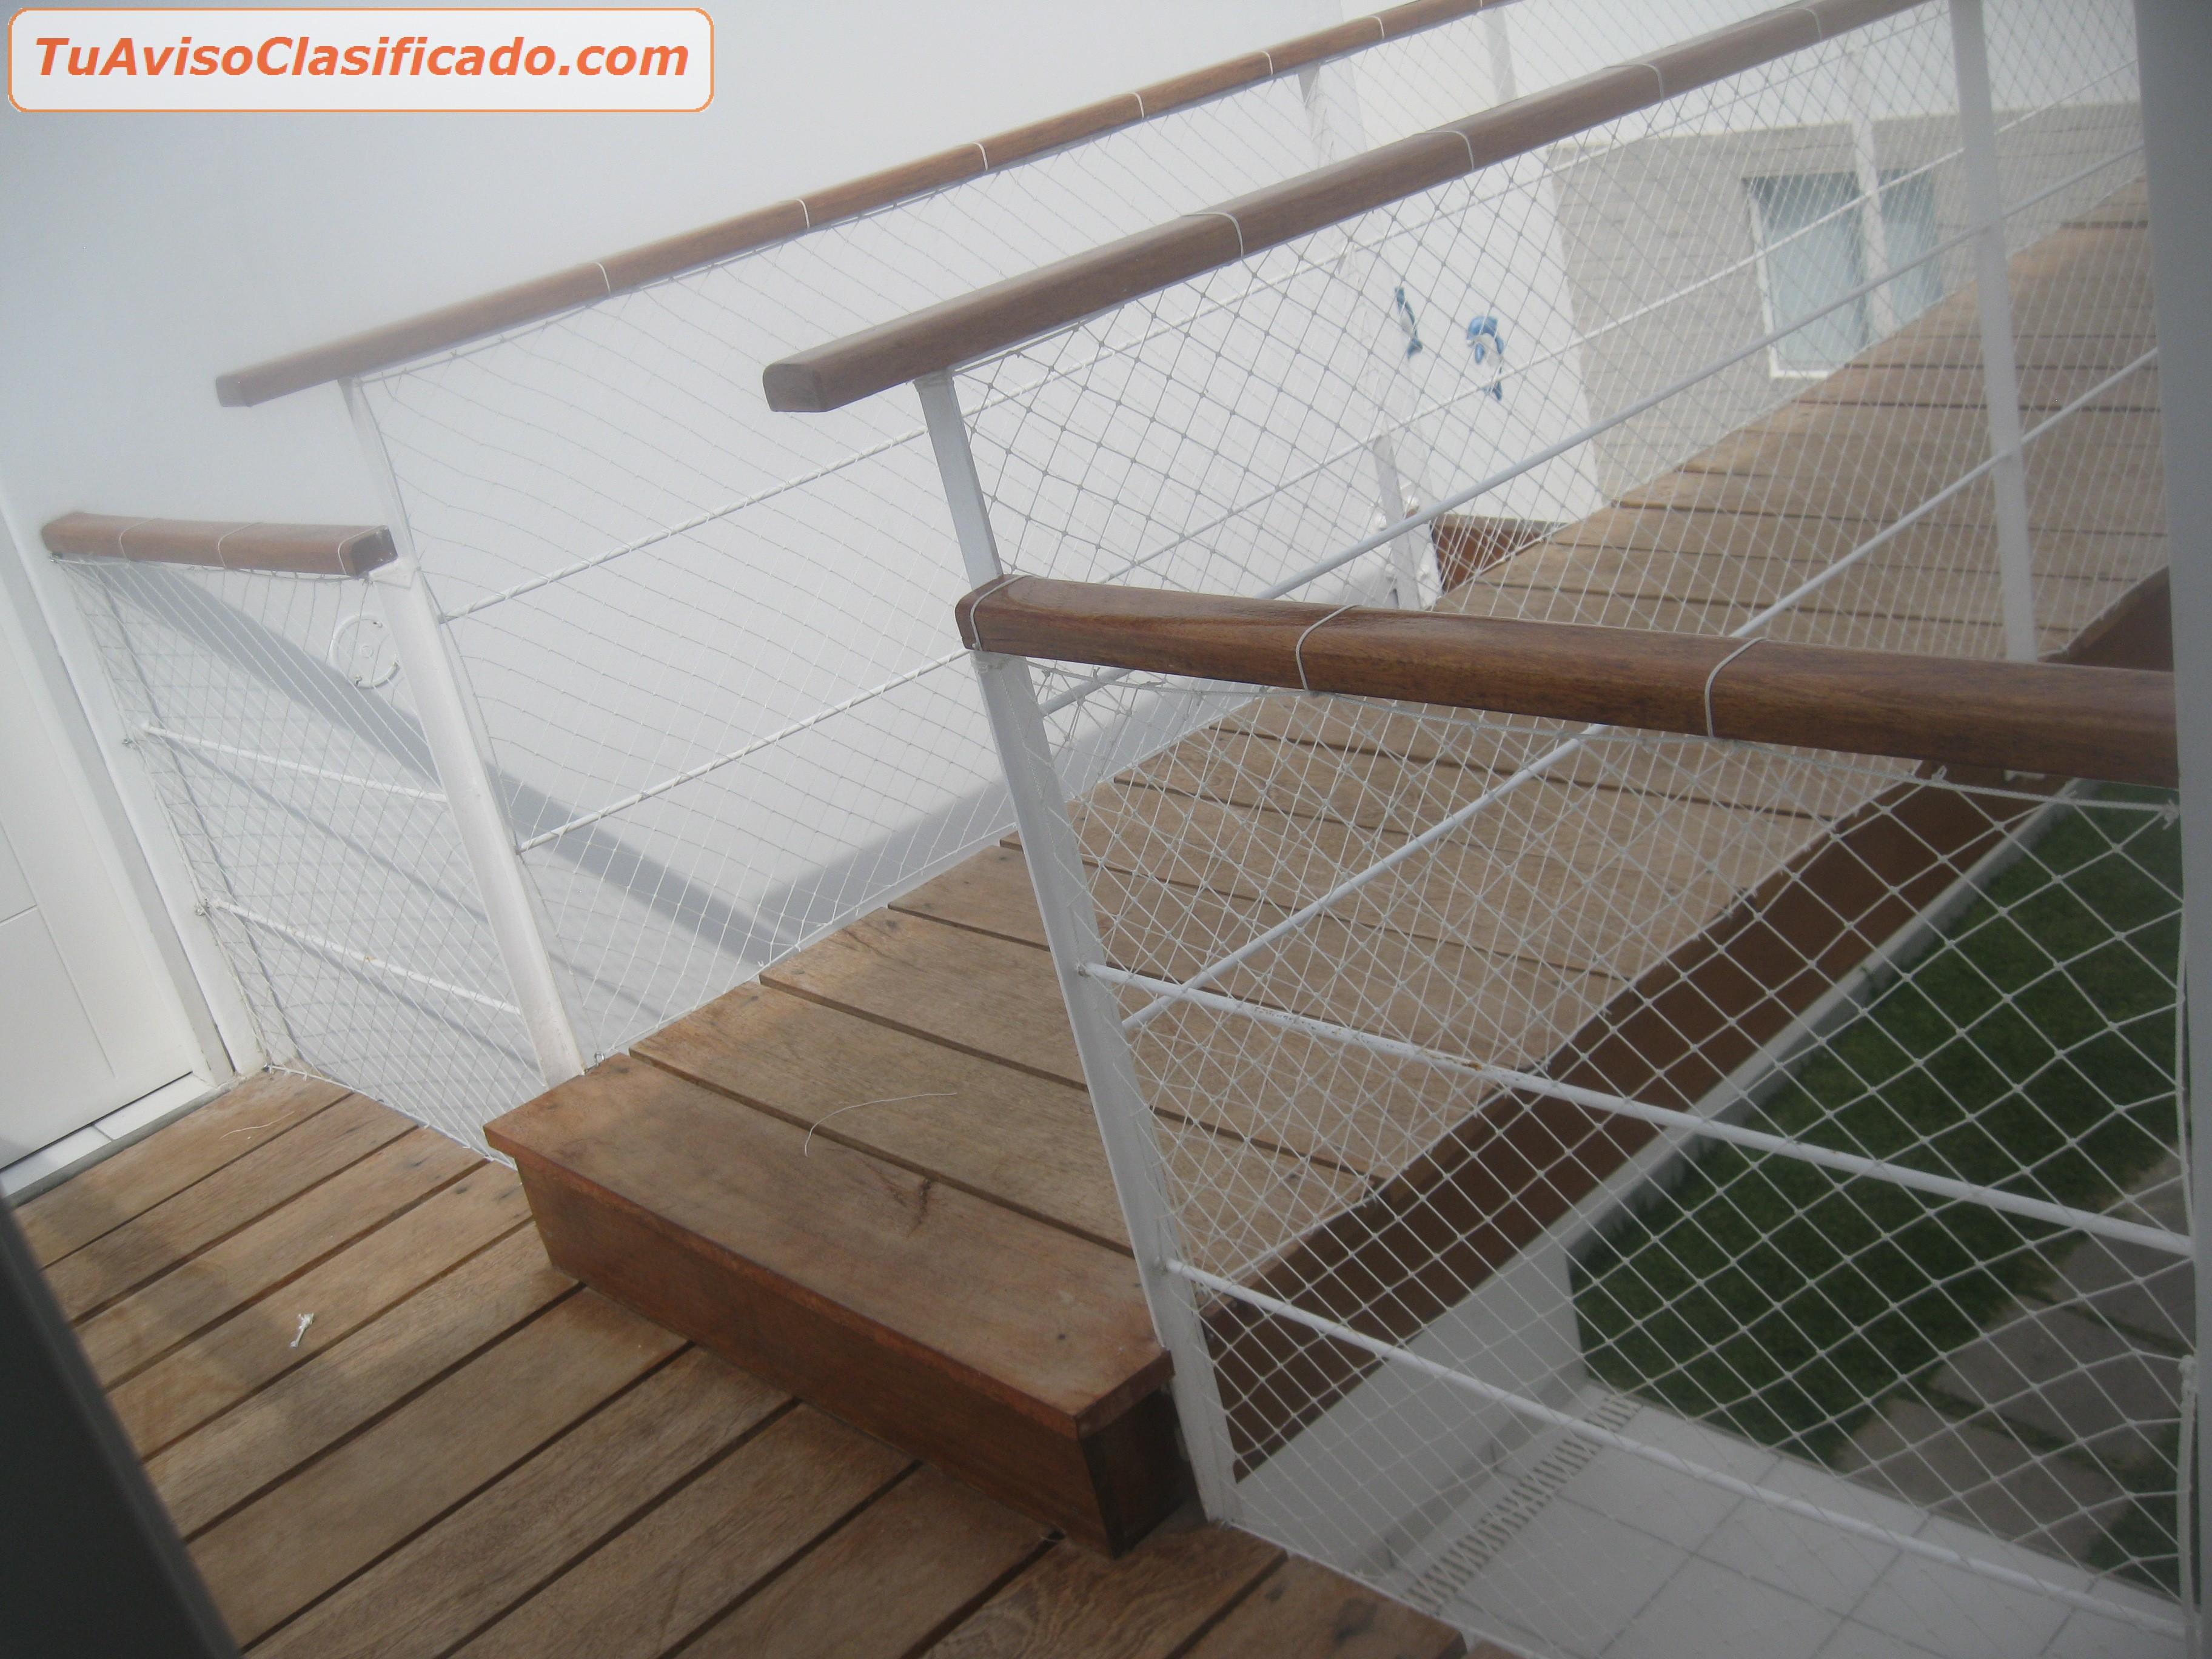 Leroy merlin piscinas infantiles vallas para piscinas - Barreras escaleras ninos leroy merlin ...